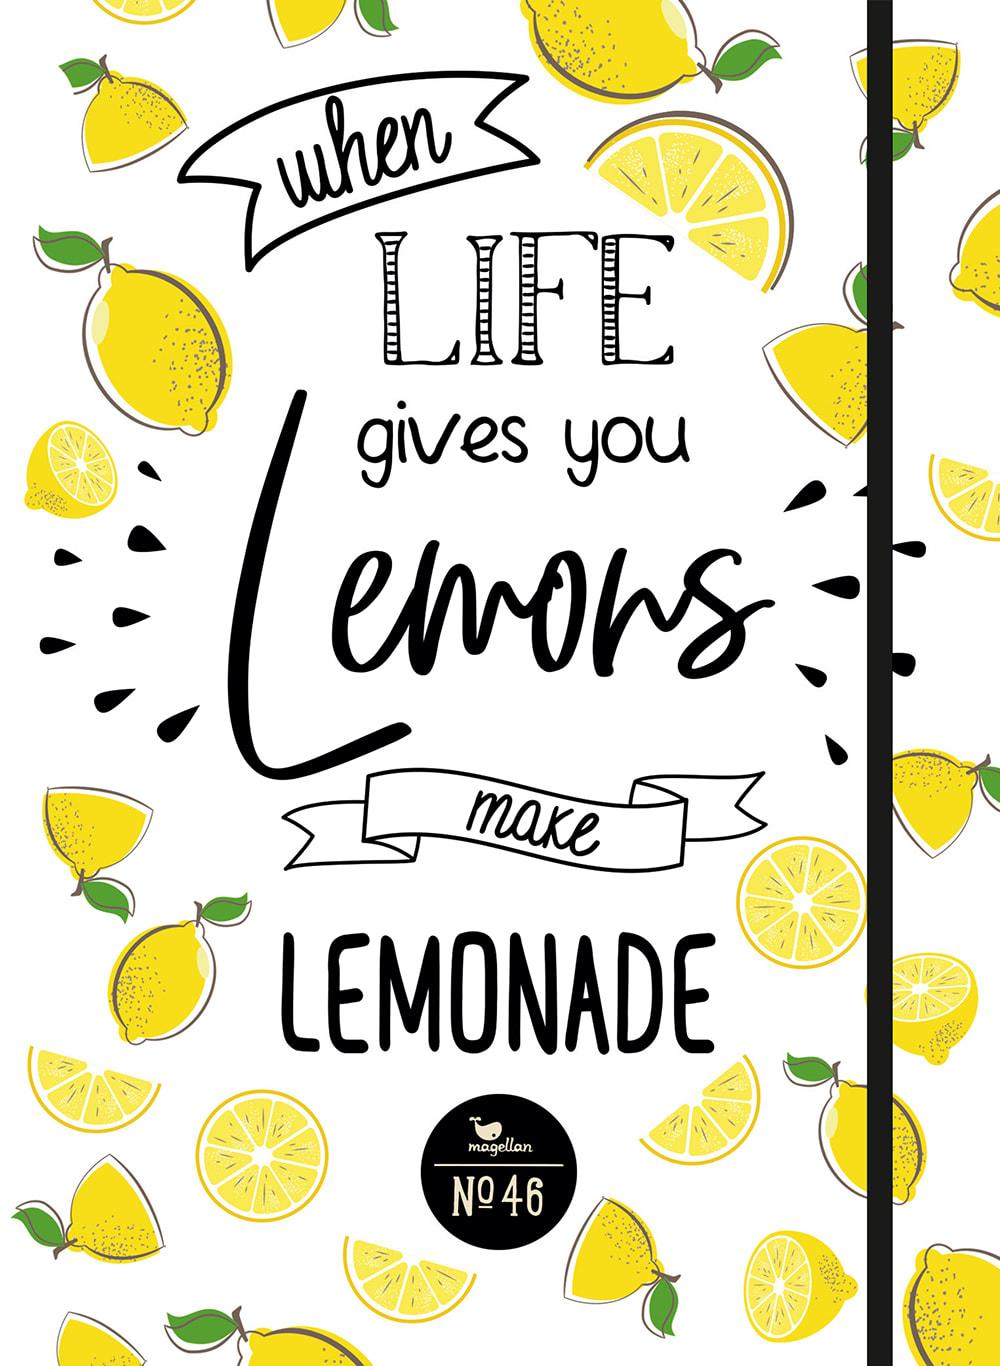 Notizbuch No. 46 - Lemons